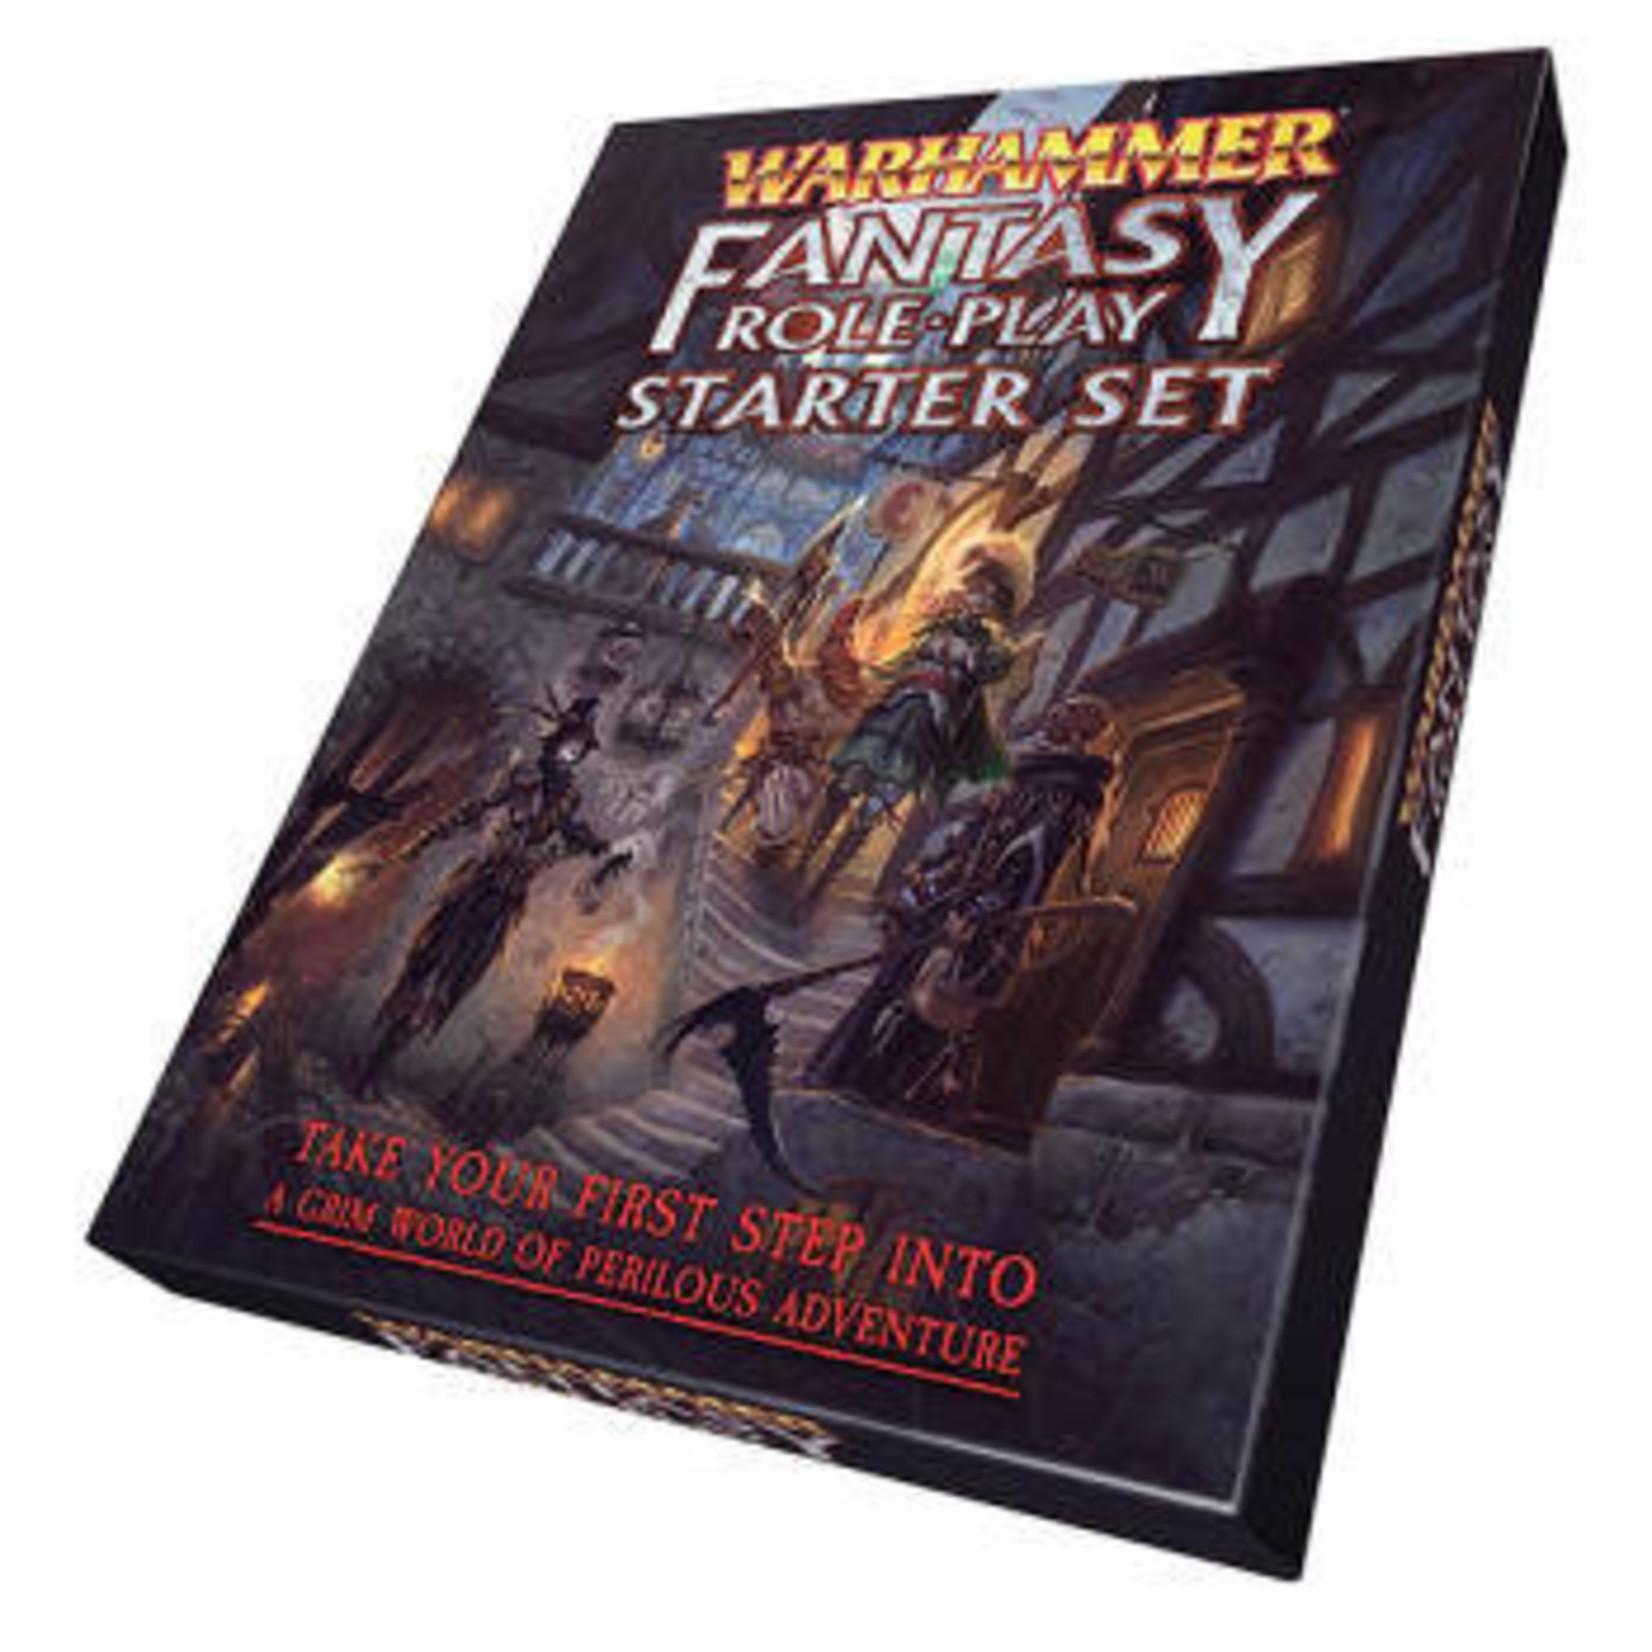 Cubicle 7 Warhammer Fantasy Roleplaying Game 4th Ed: Starter Set